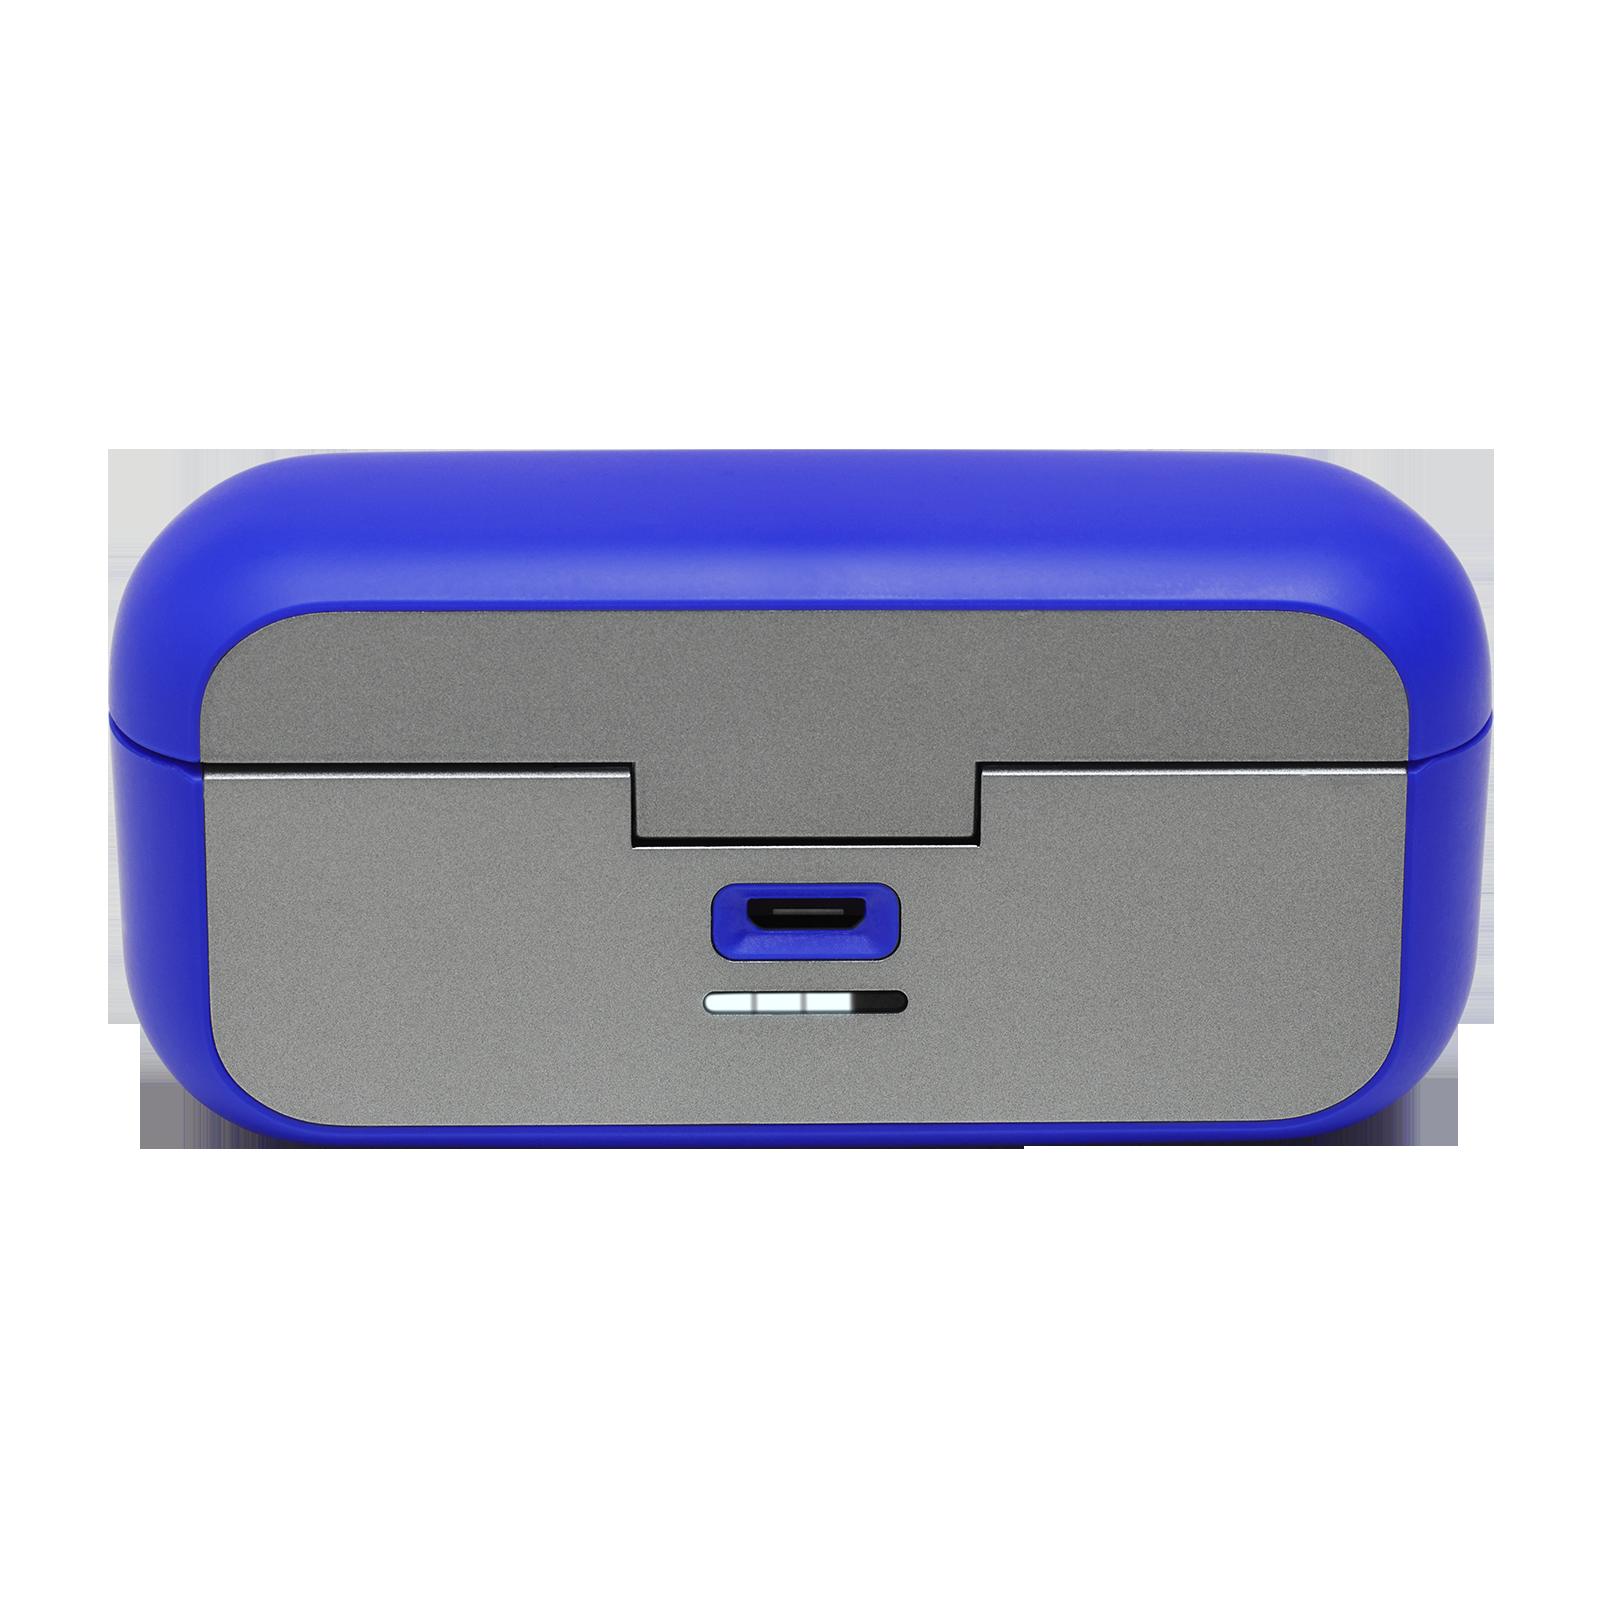 JBL REFLECT FLOW - Blue - True wireless sport headphones. - Detailshot 1